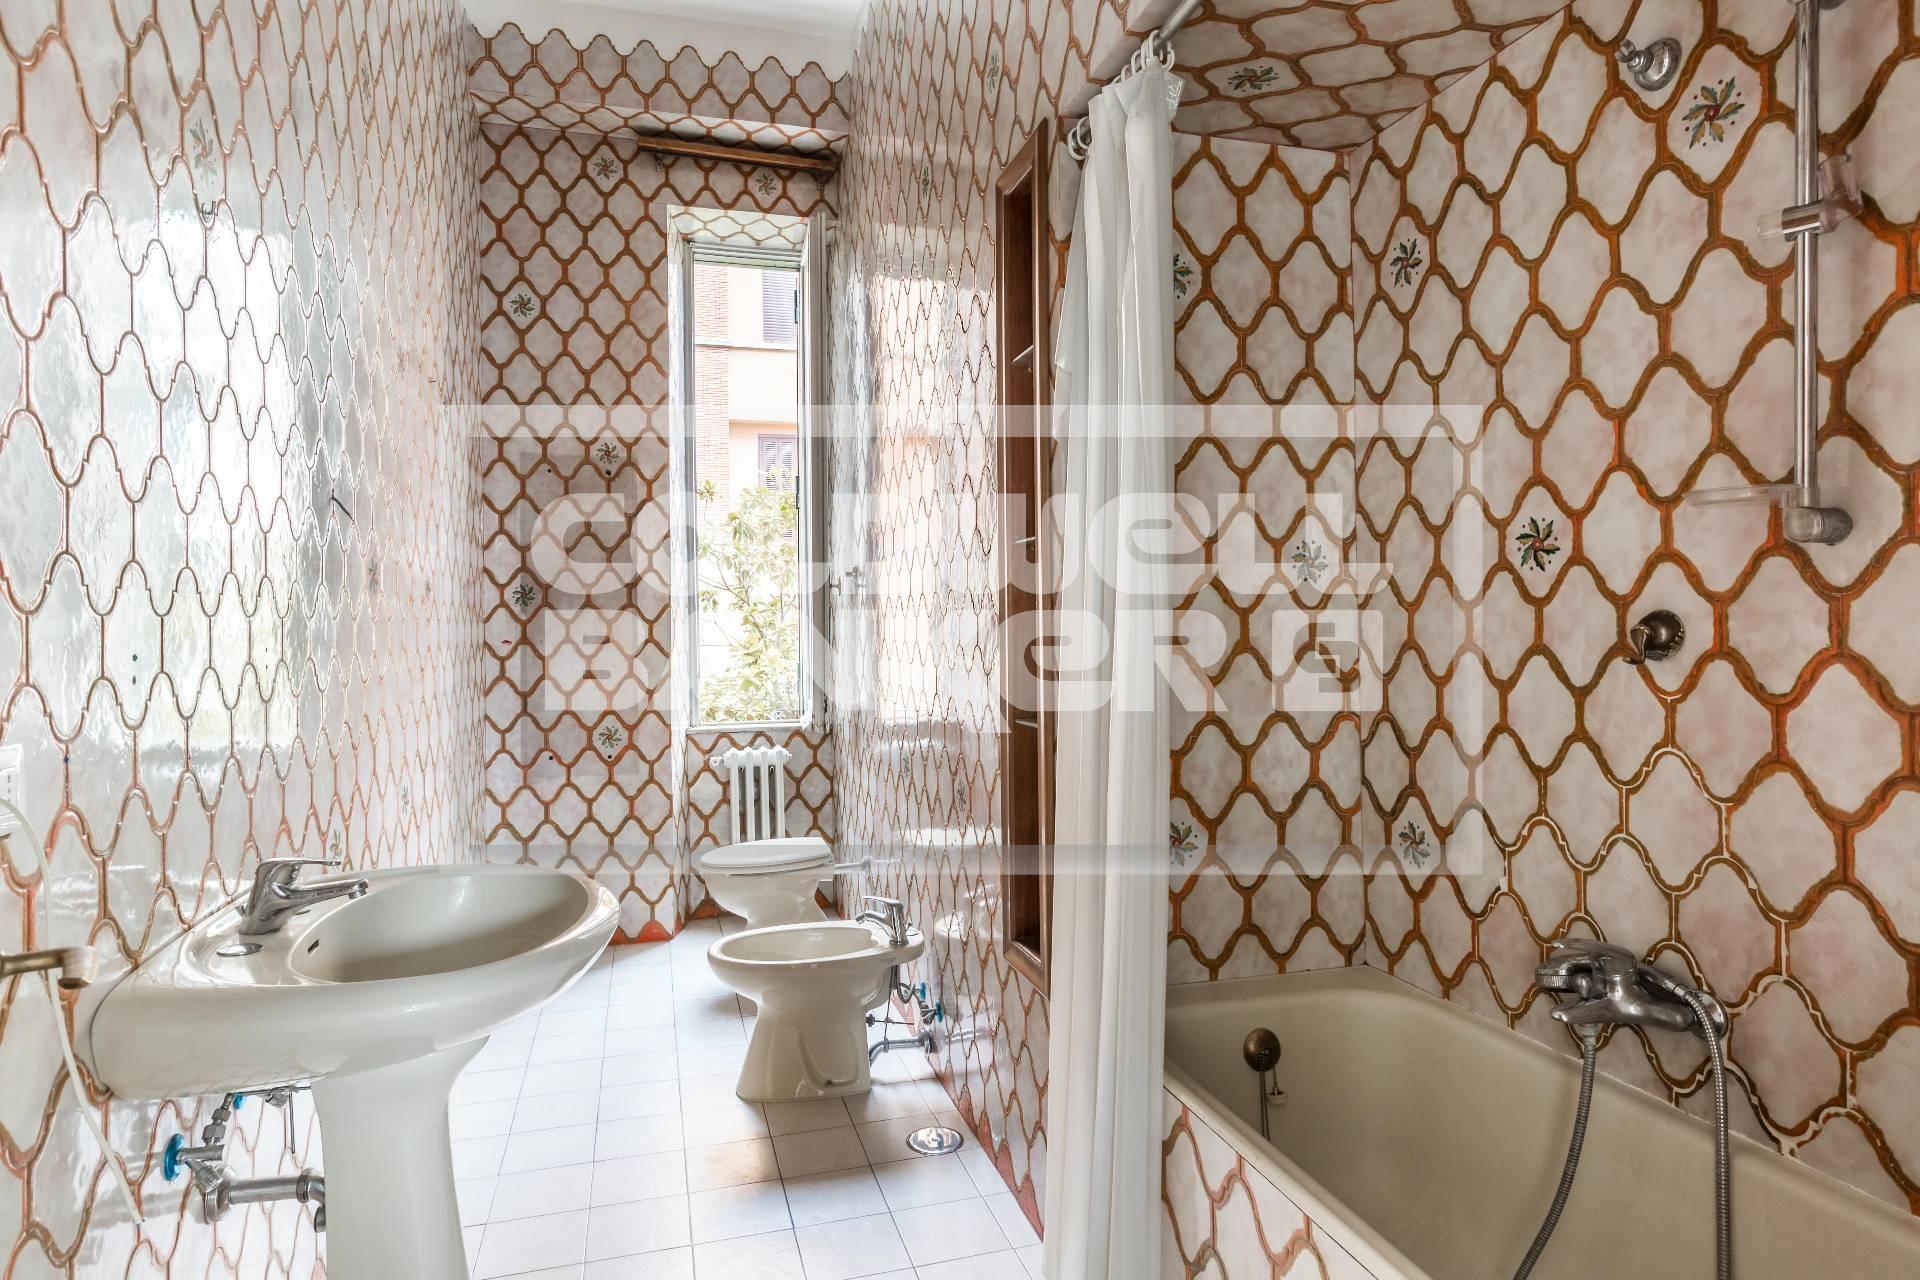 Cbi038 144 43520gc appartamento in affitto a roma for Affitto studio roma parioli